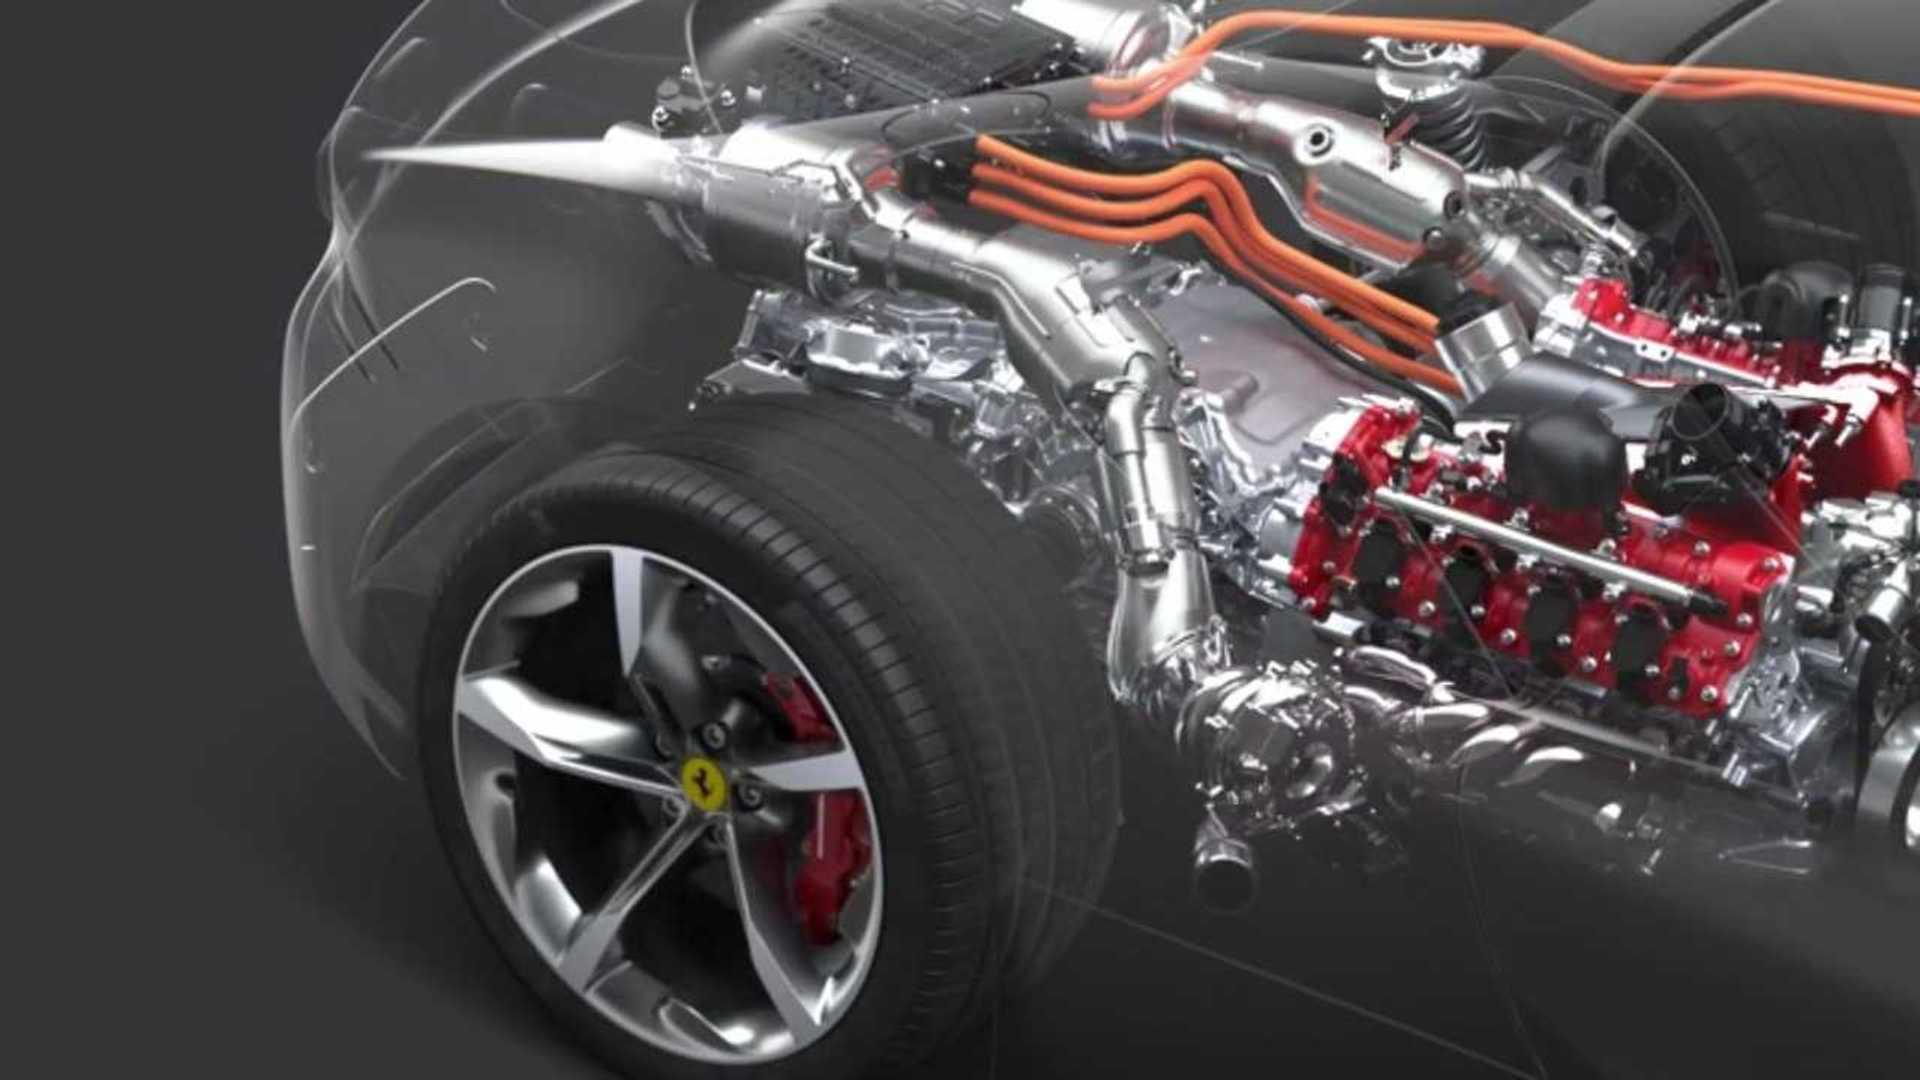 Ferrari-sf90-stradale-eklentisi hibrid-2019-11